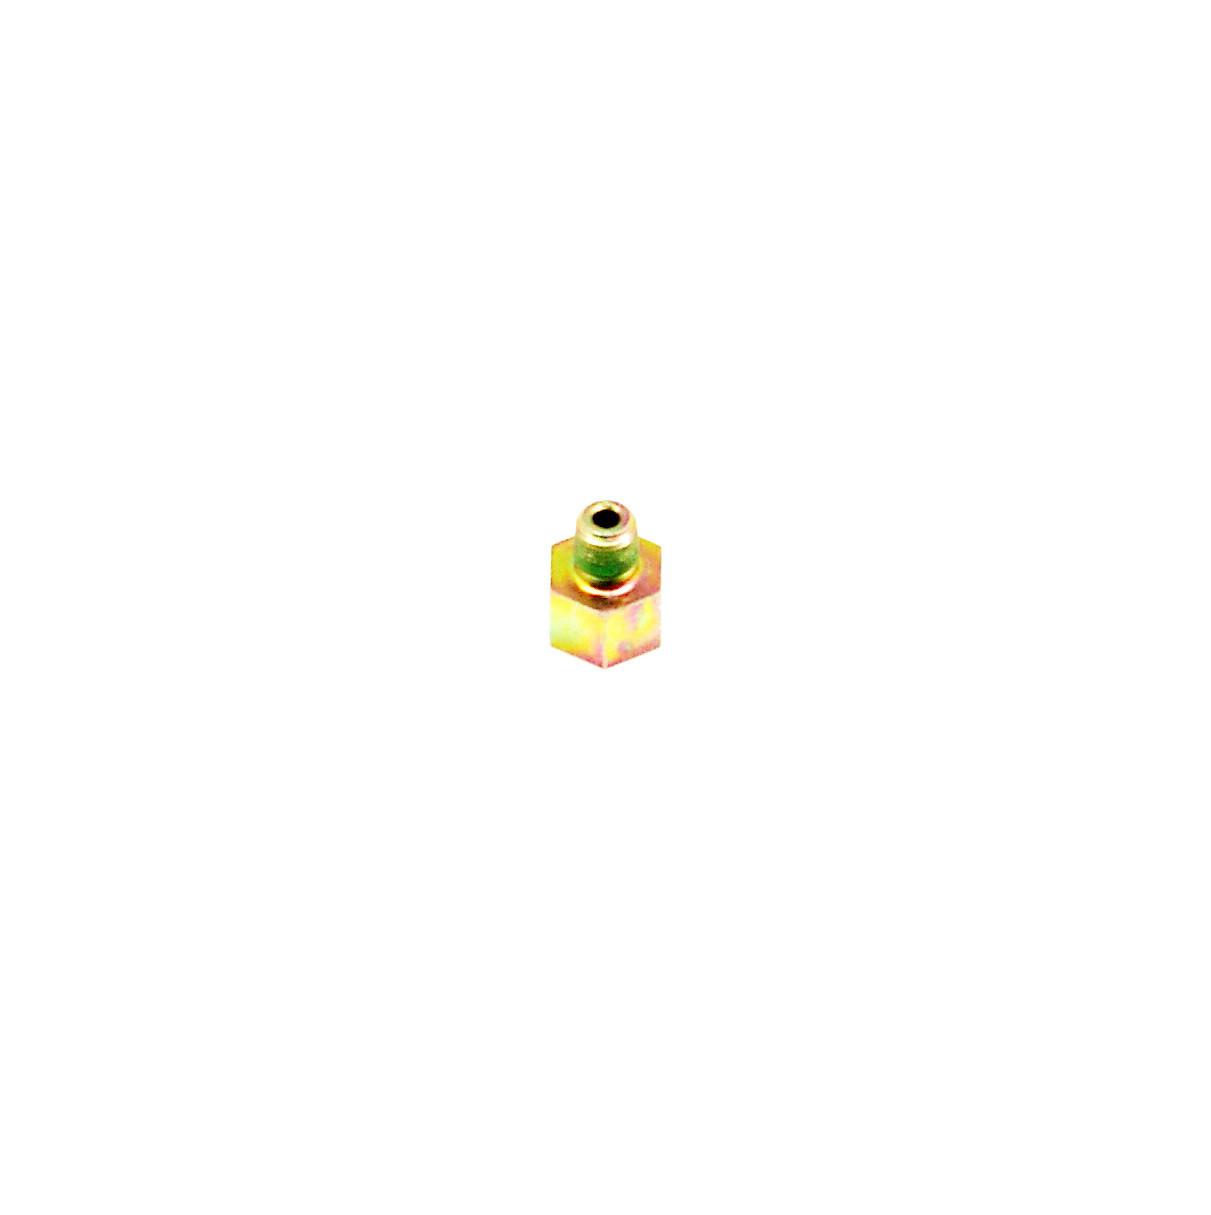 Клапан в блоке цилиндров Cummins B3.3 C6151211230